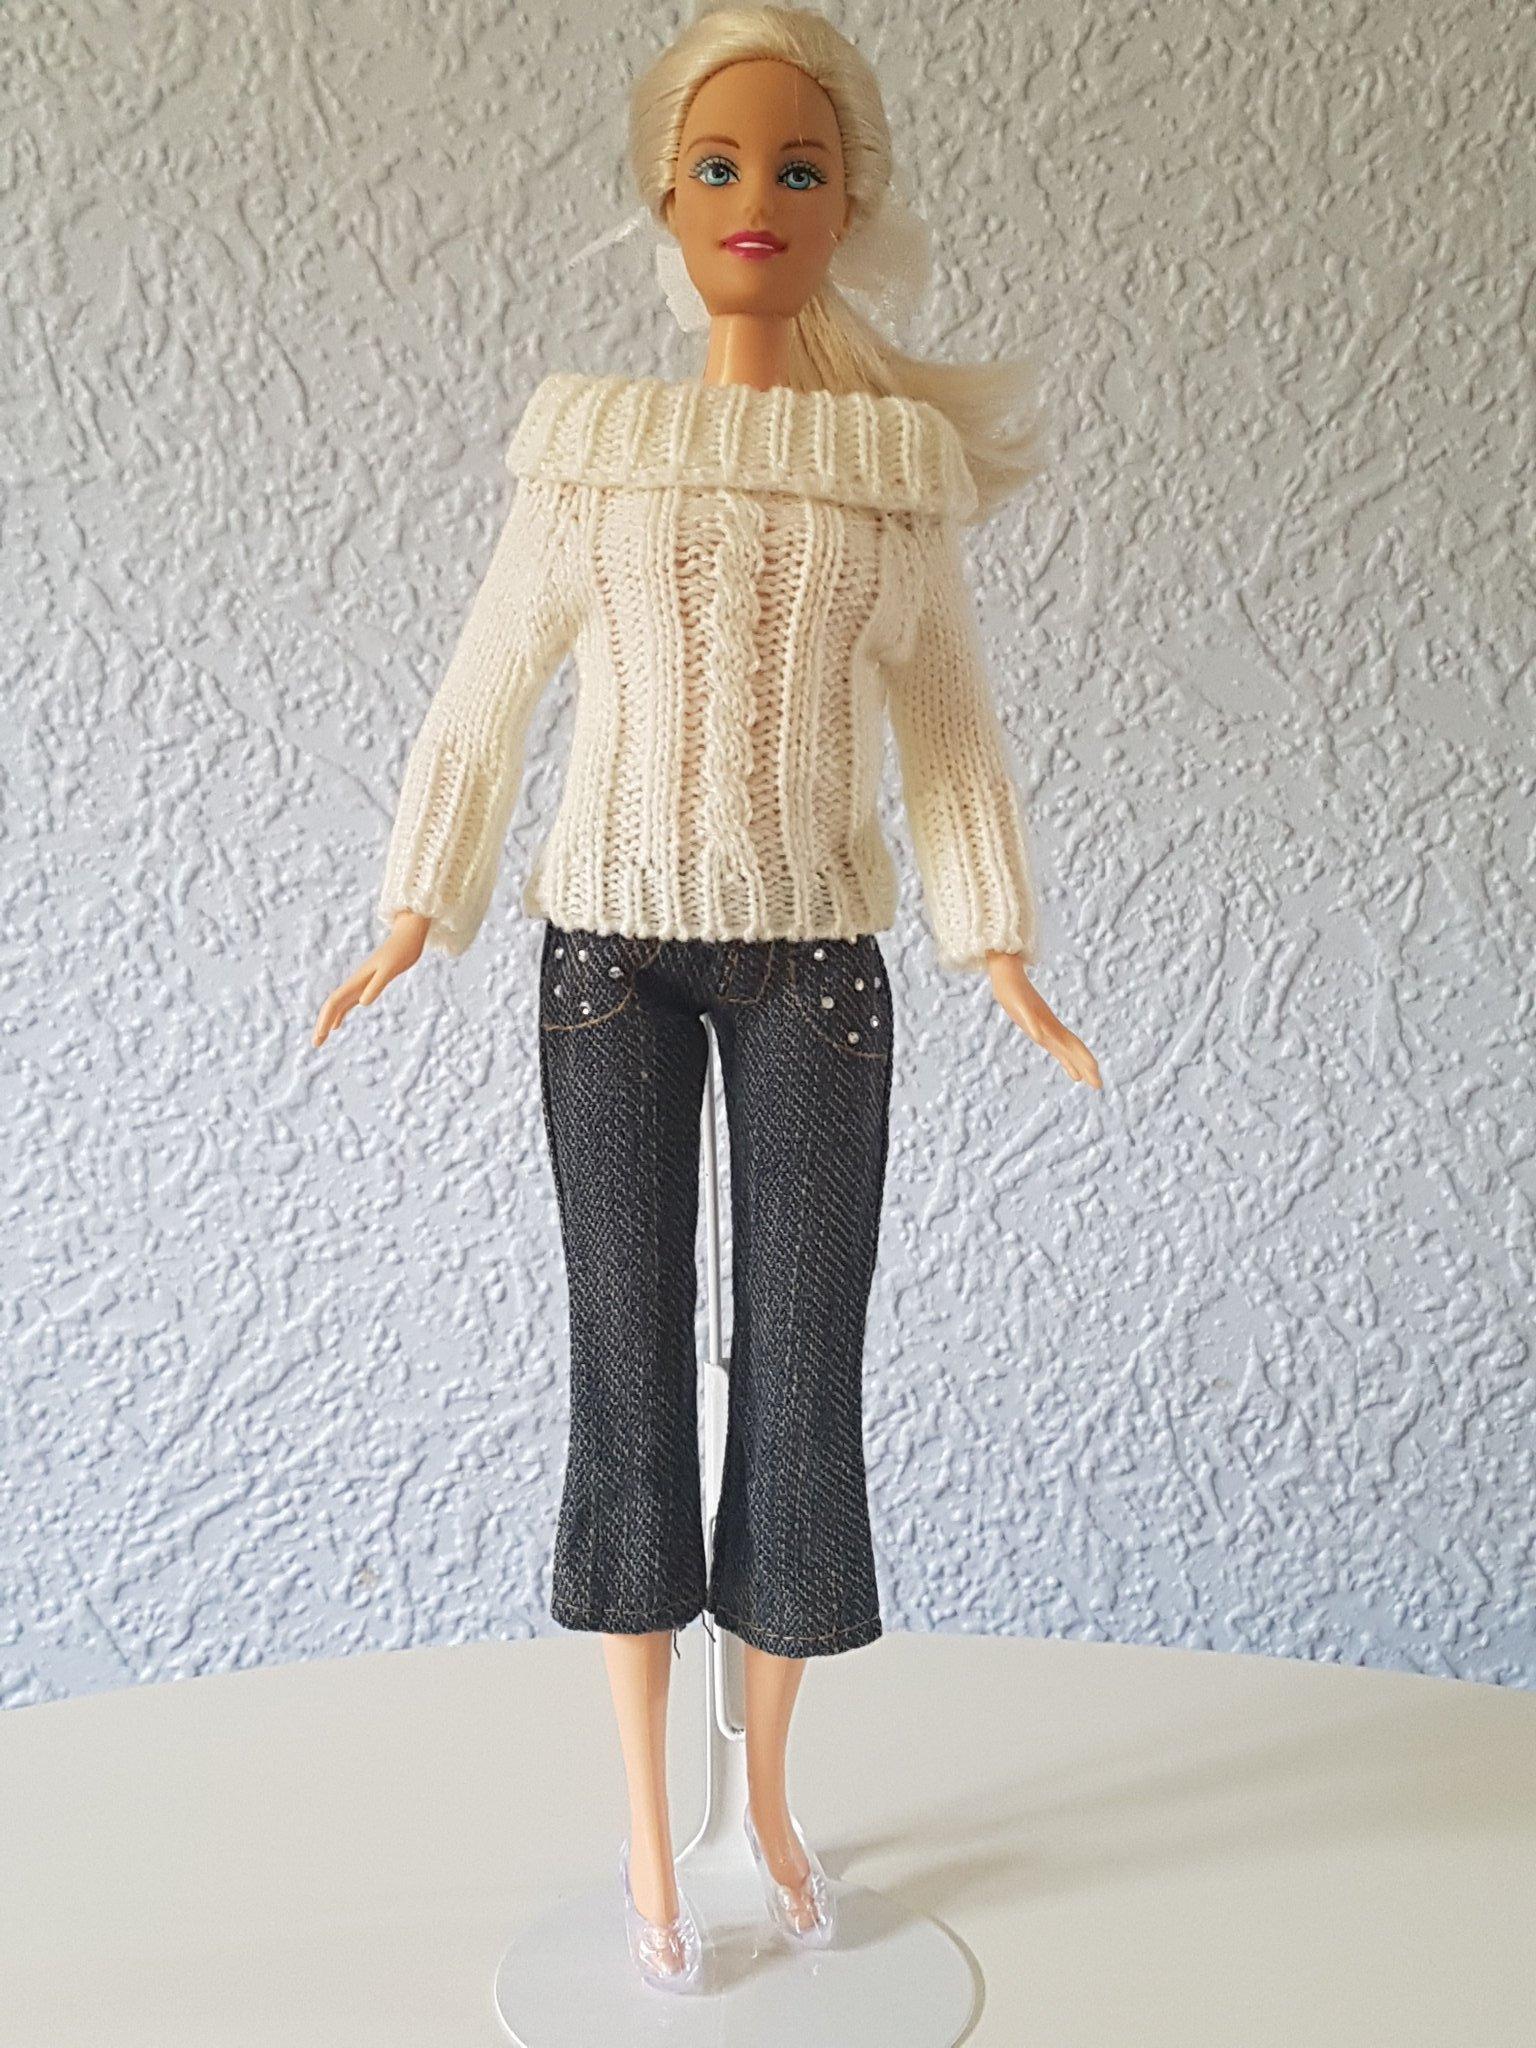 En stickad tröja och jeans byxor till Barbie eller liknande dockor!